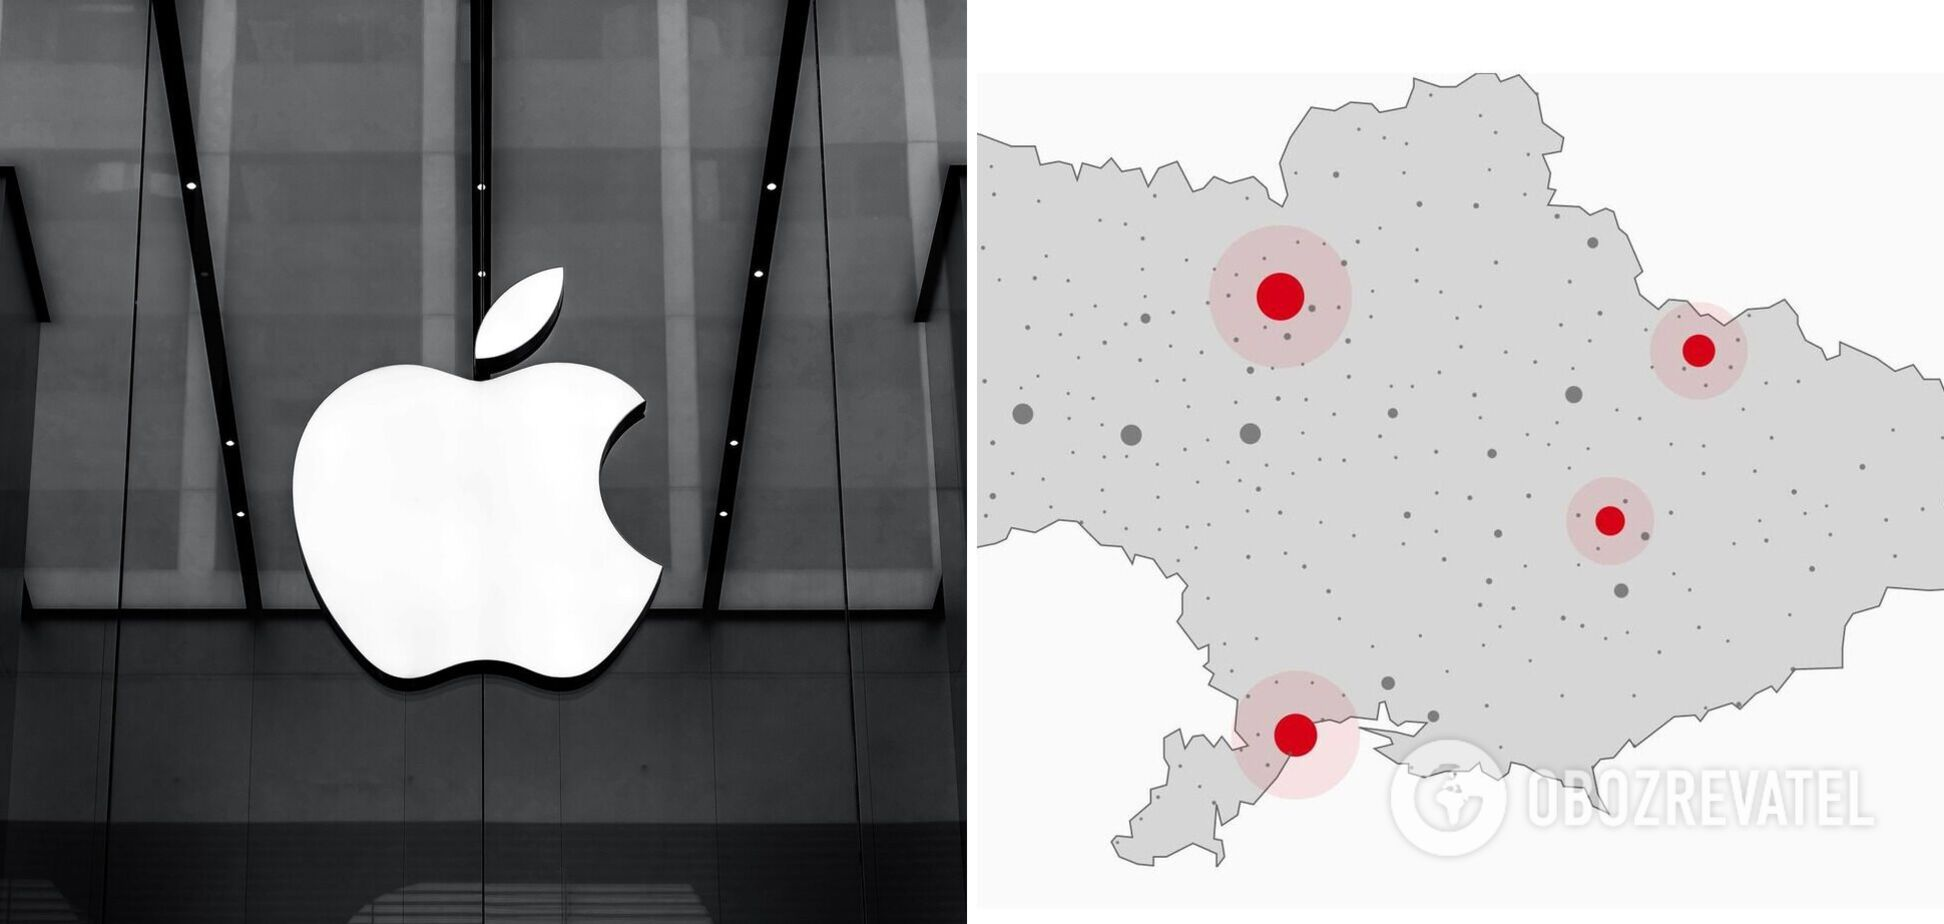 У додатку Apple помітили карту України без Криму: в МЗС України відреагували. Фото